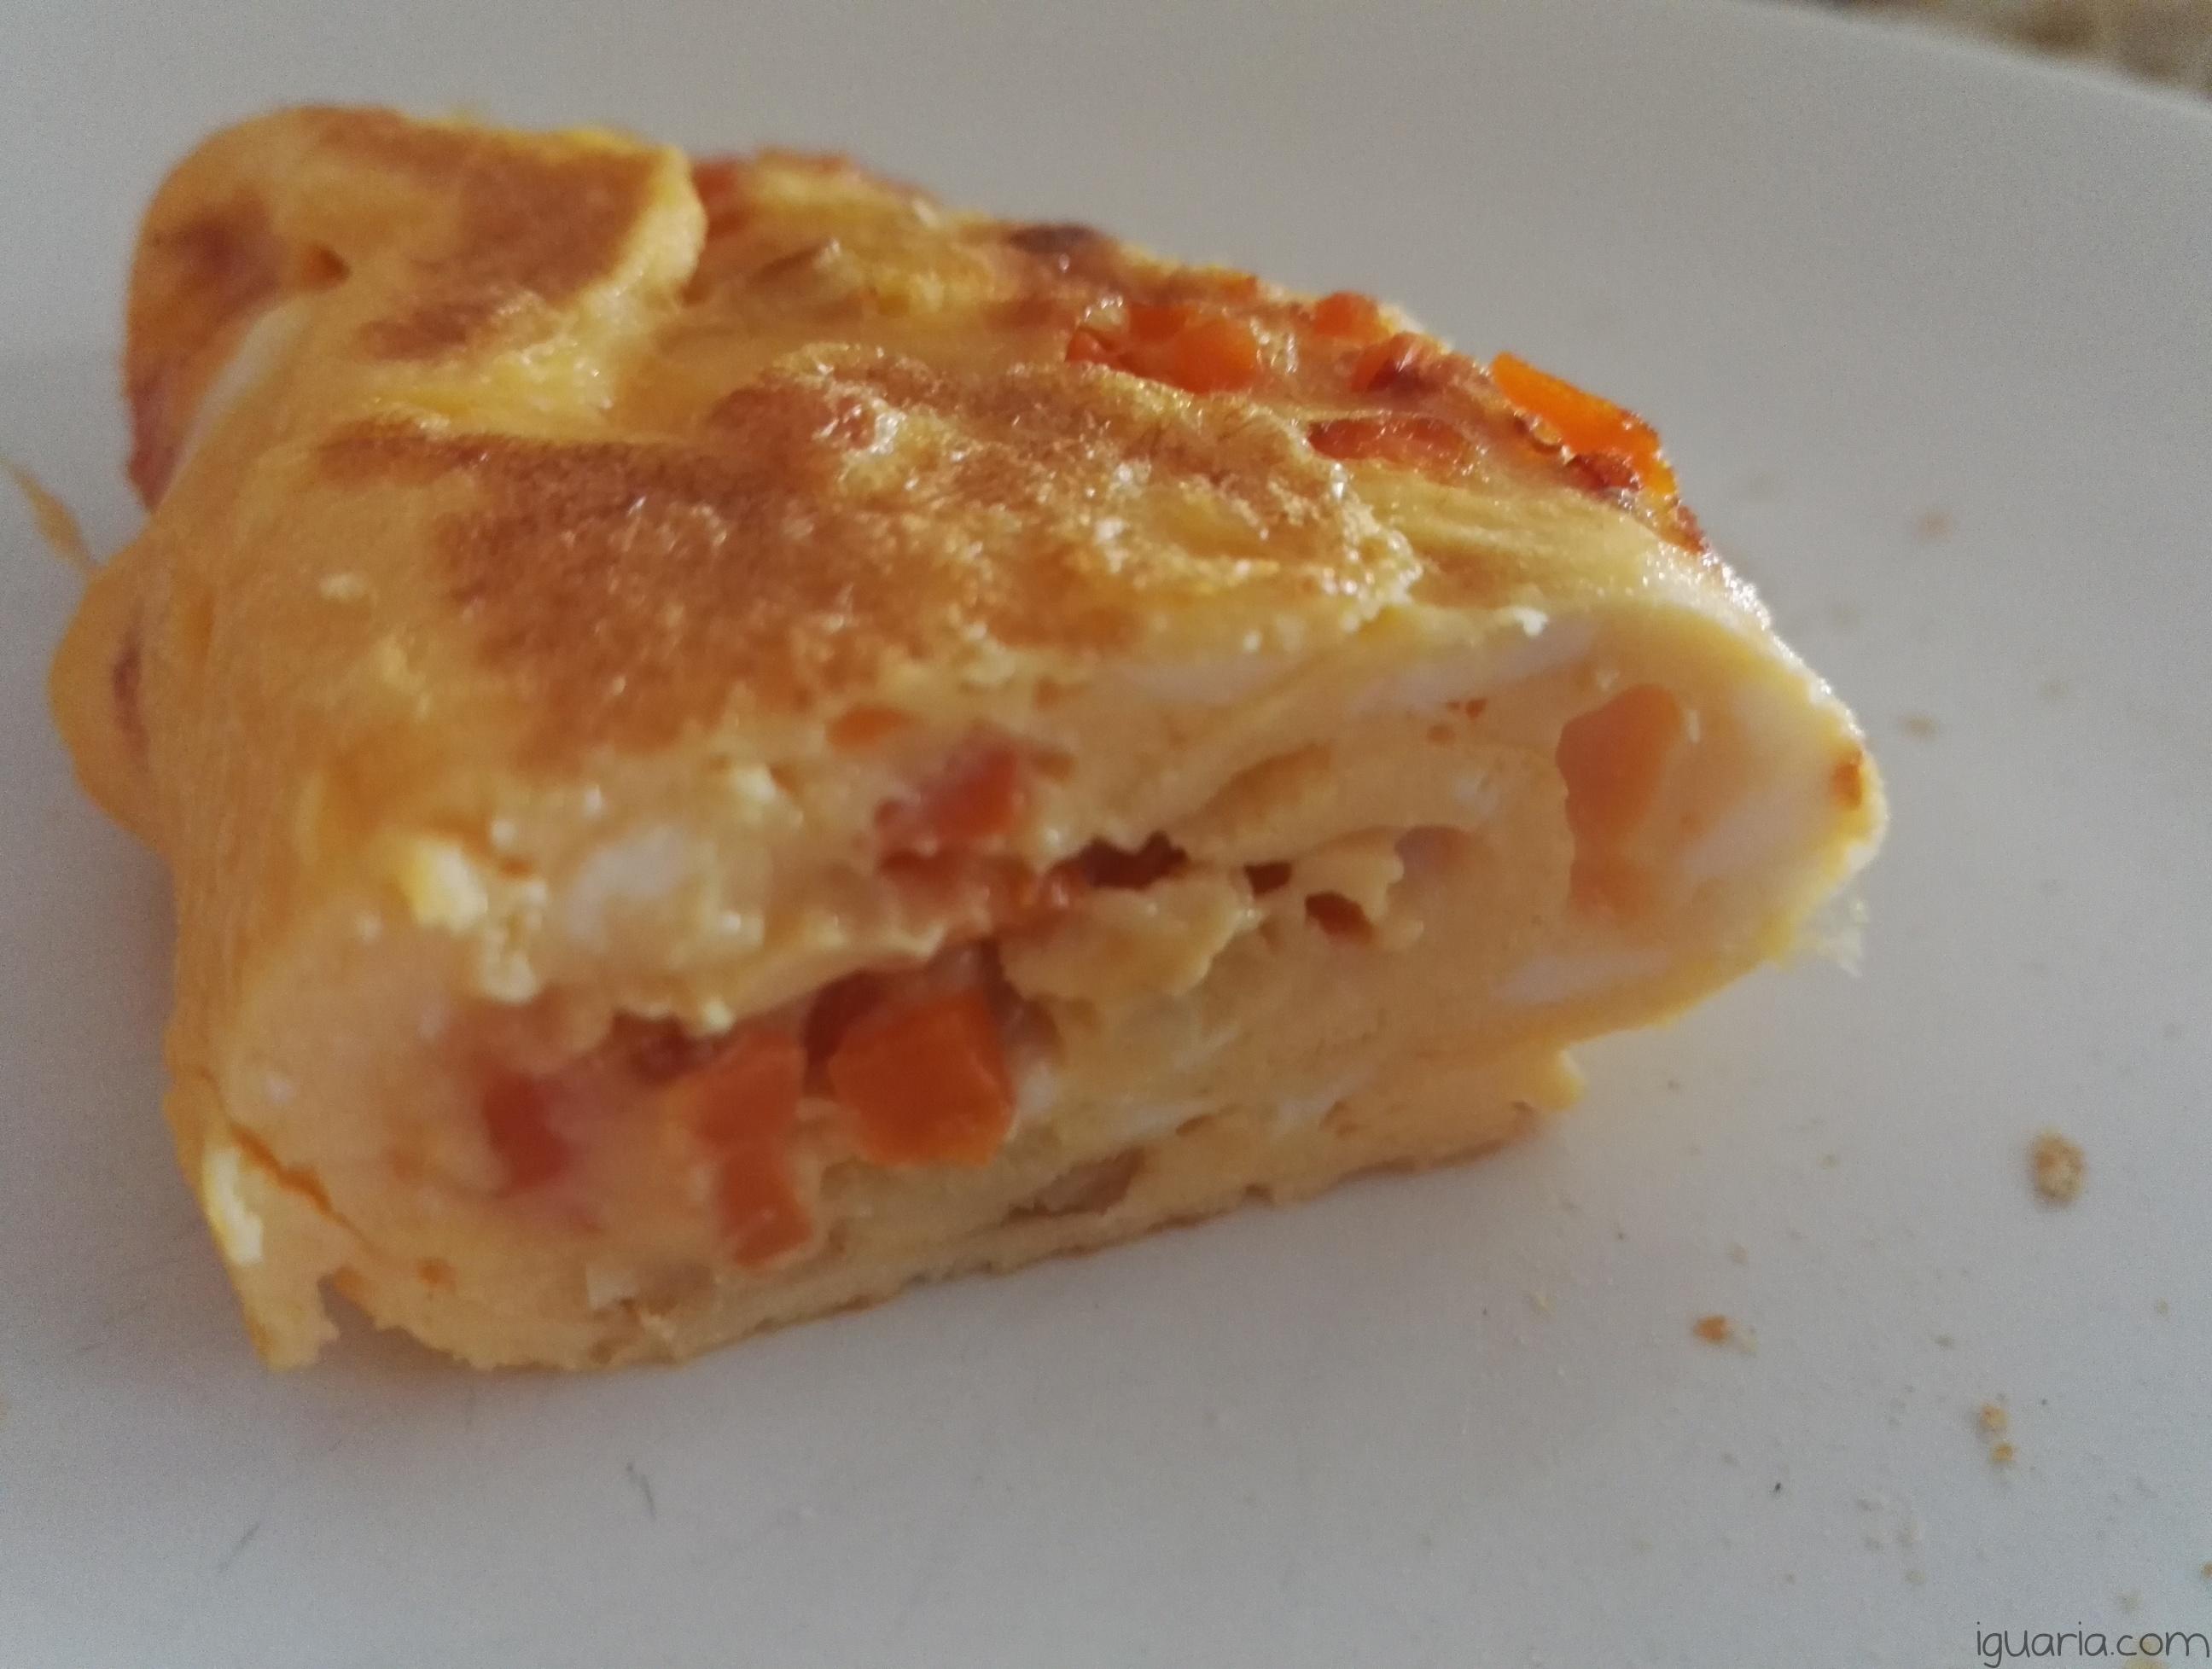 iguaria-omelete-deliciosa-cenoura